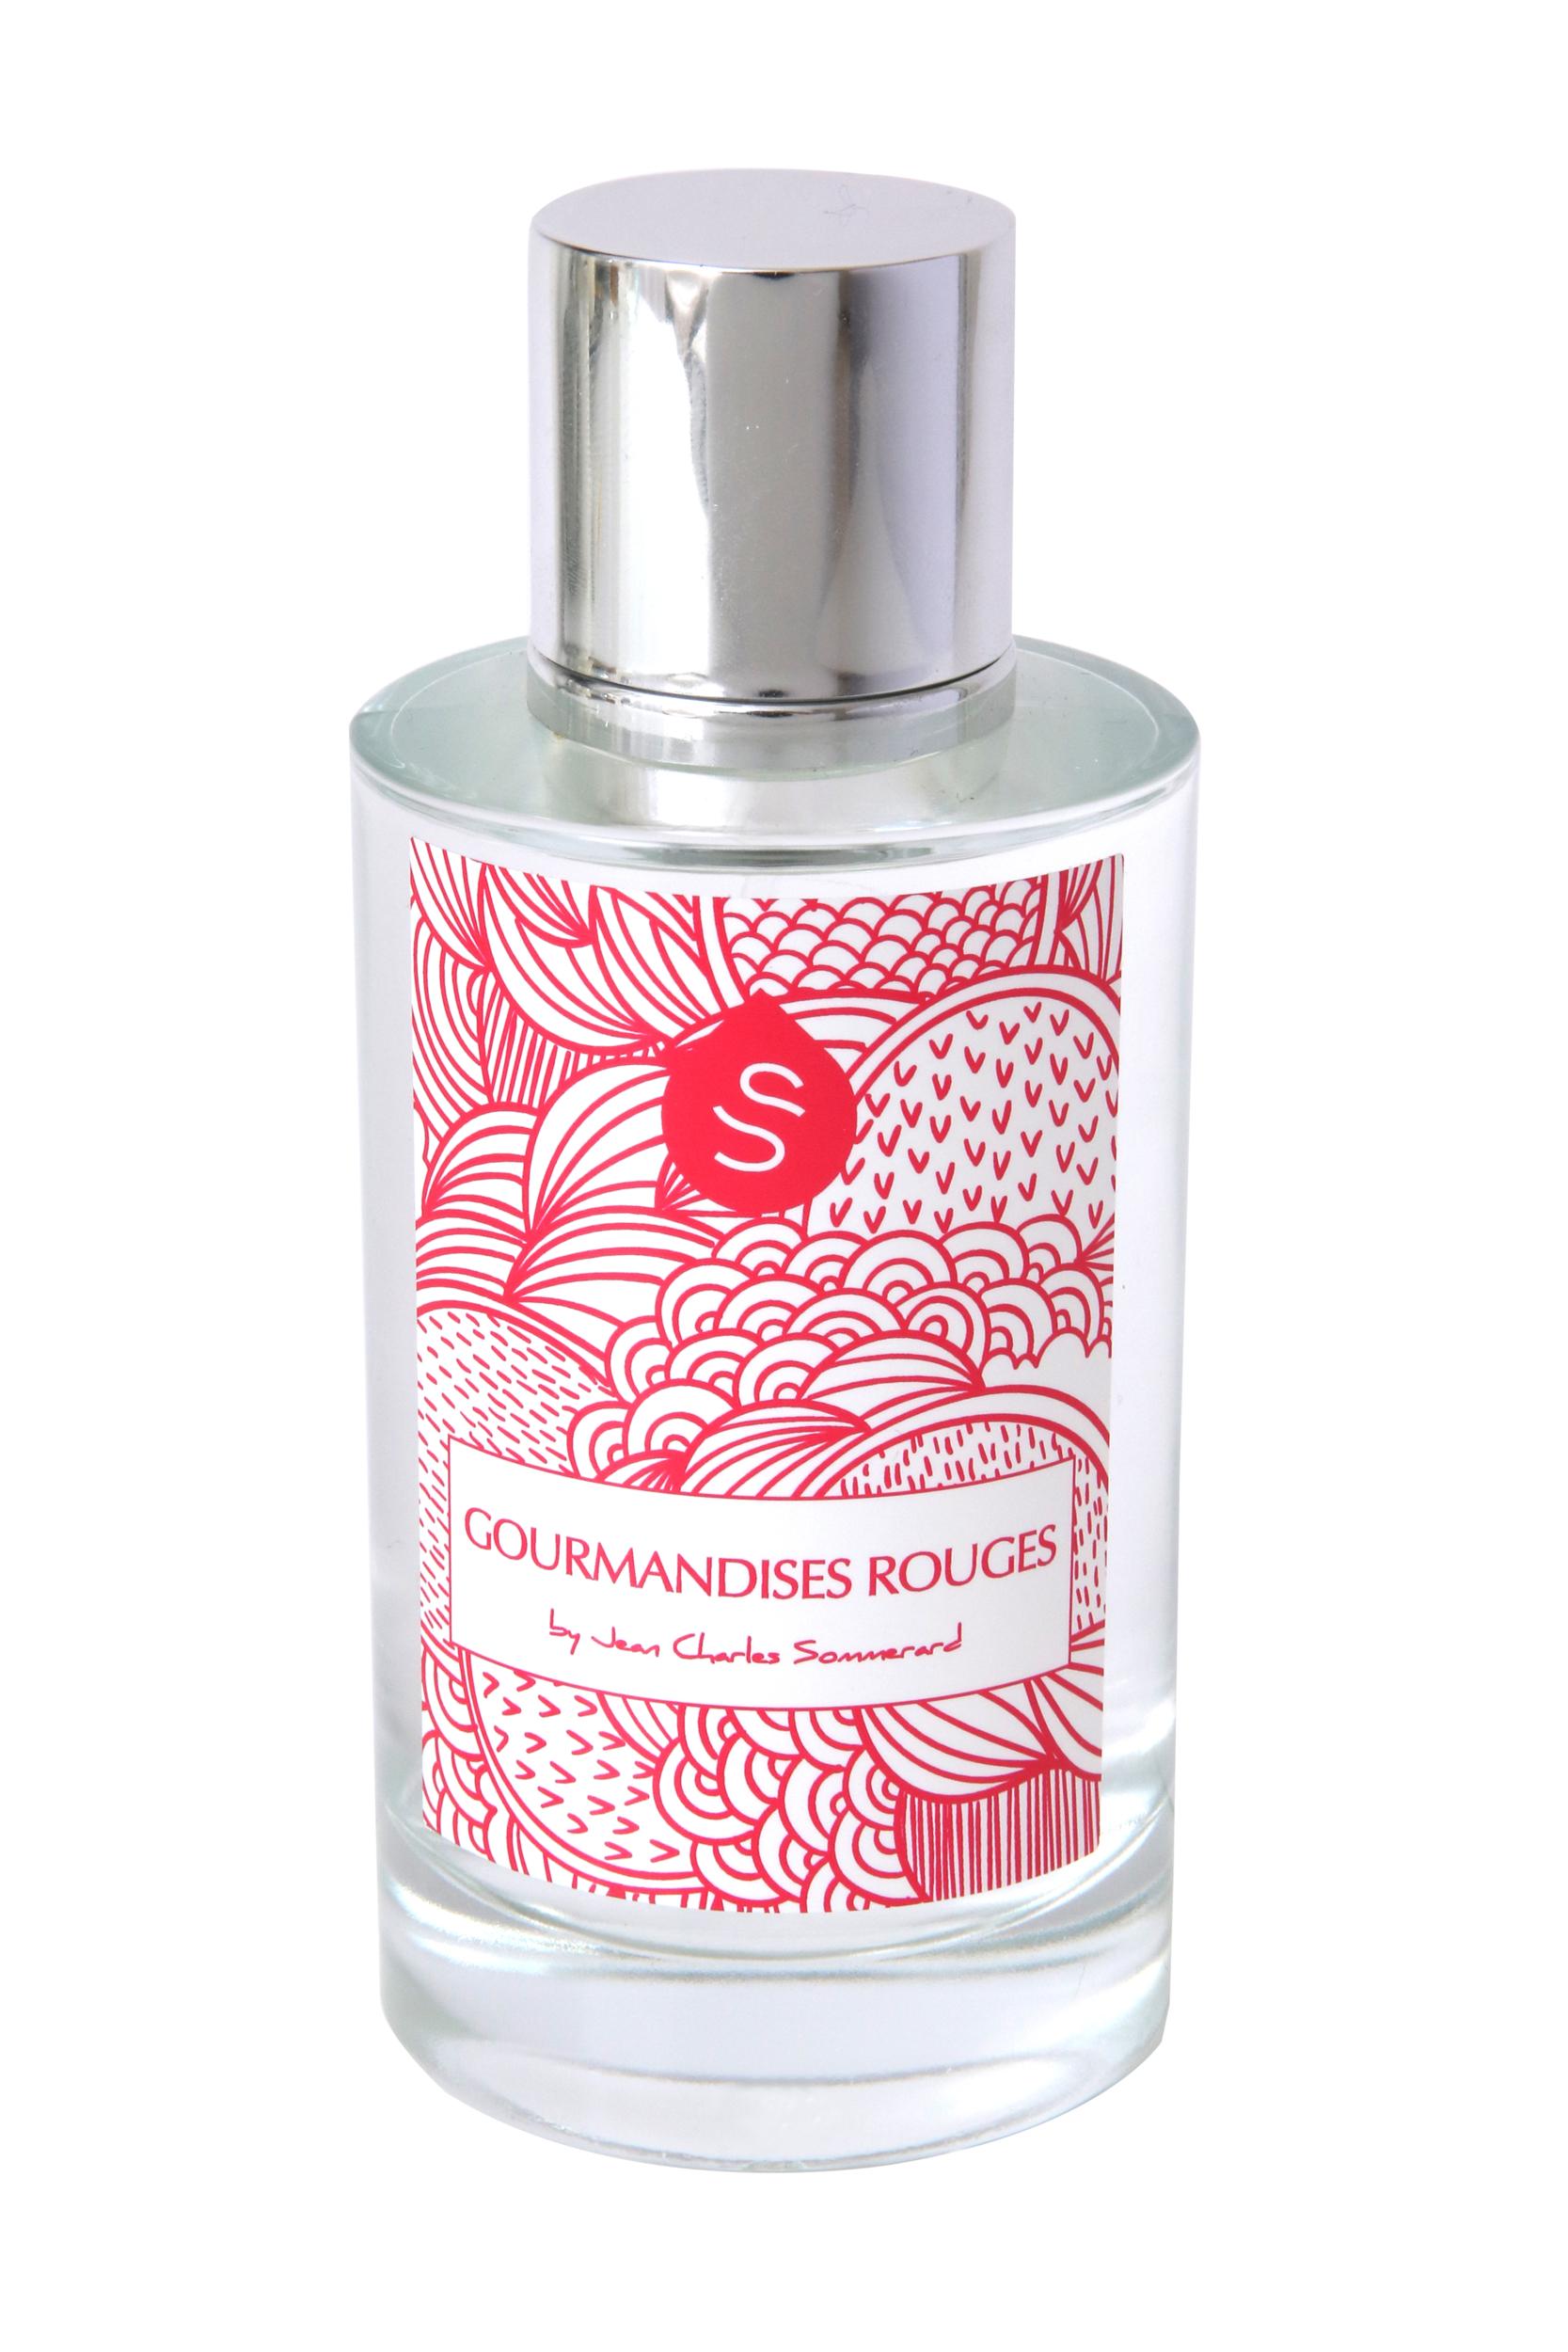 Sevessence - Parfum d'intérieur - Gourmandises rouges